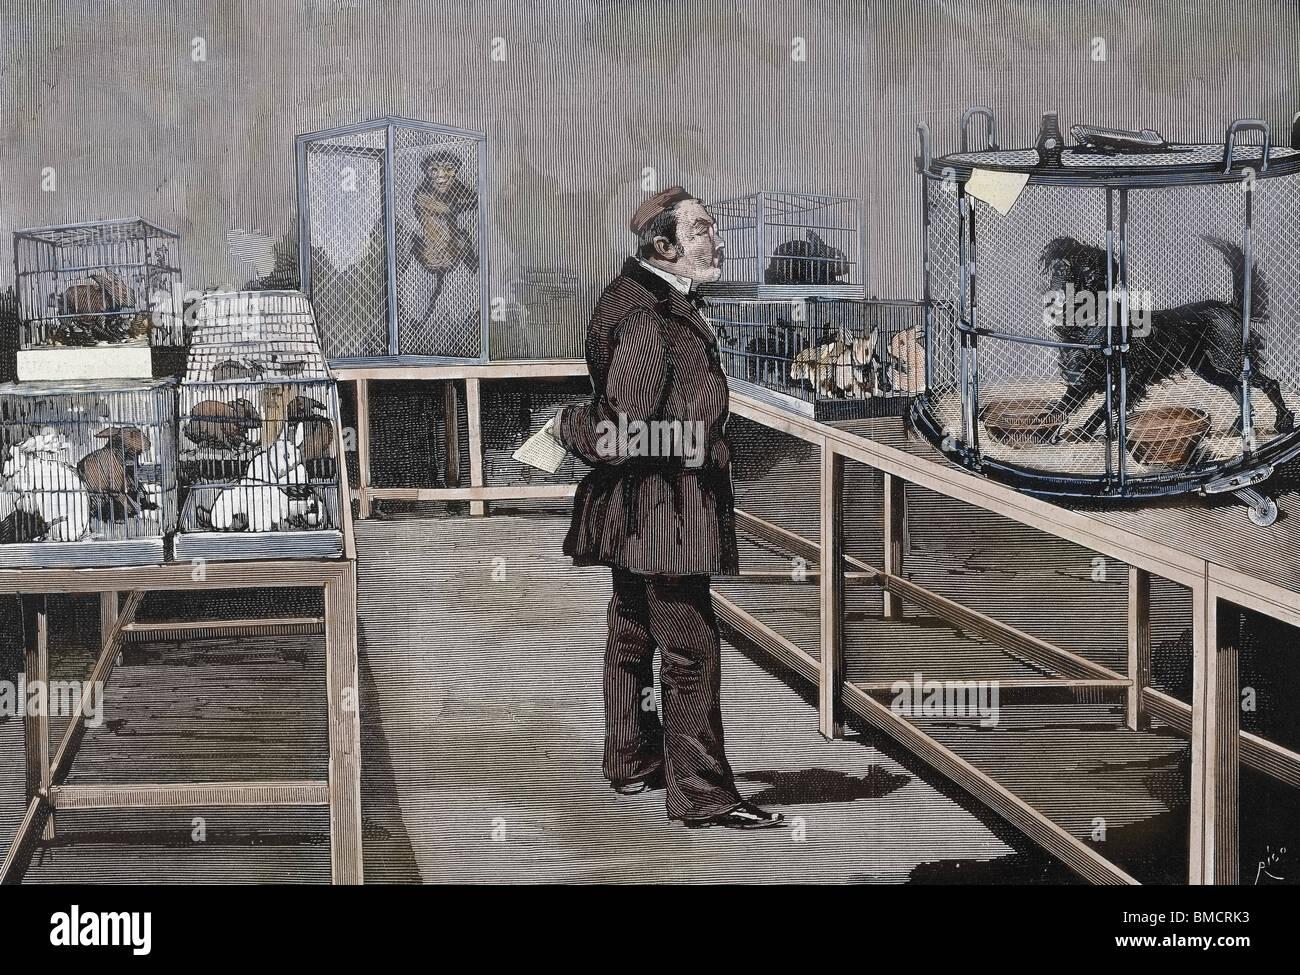 Louis Pasteur (1822-1895) químico y bacteriólogo francés. Pasteur observa los efectos de la inoculación del virus de la rabia. Paris Fotografía de stock - Alamy